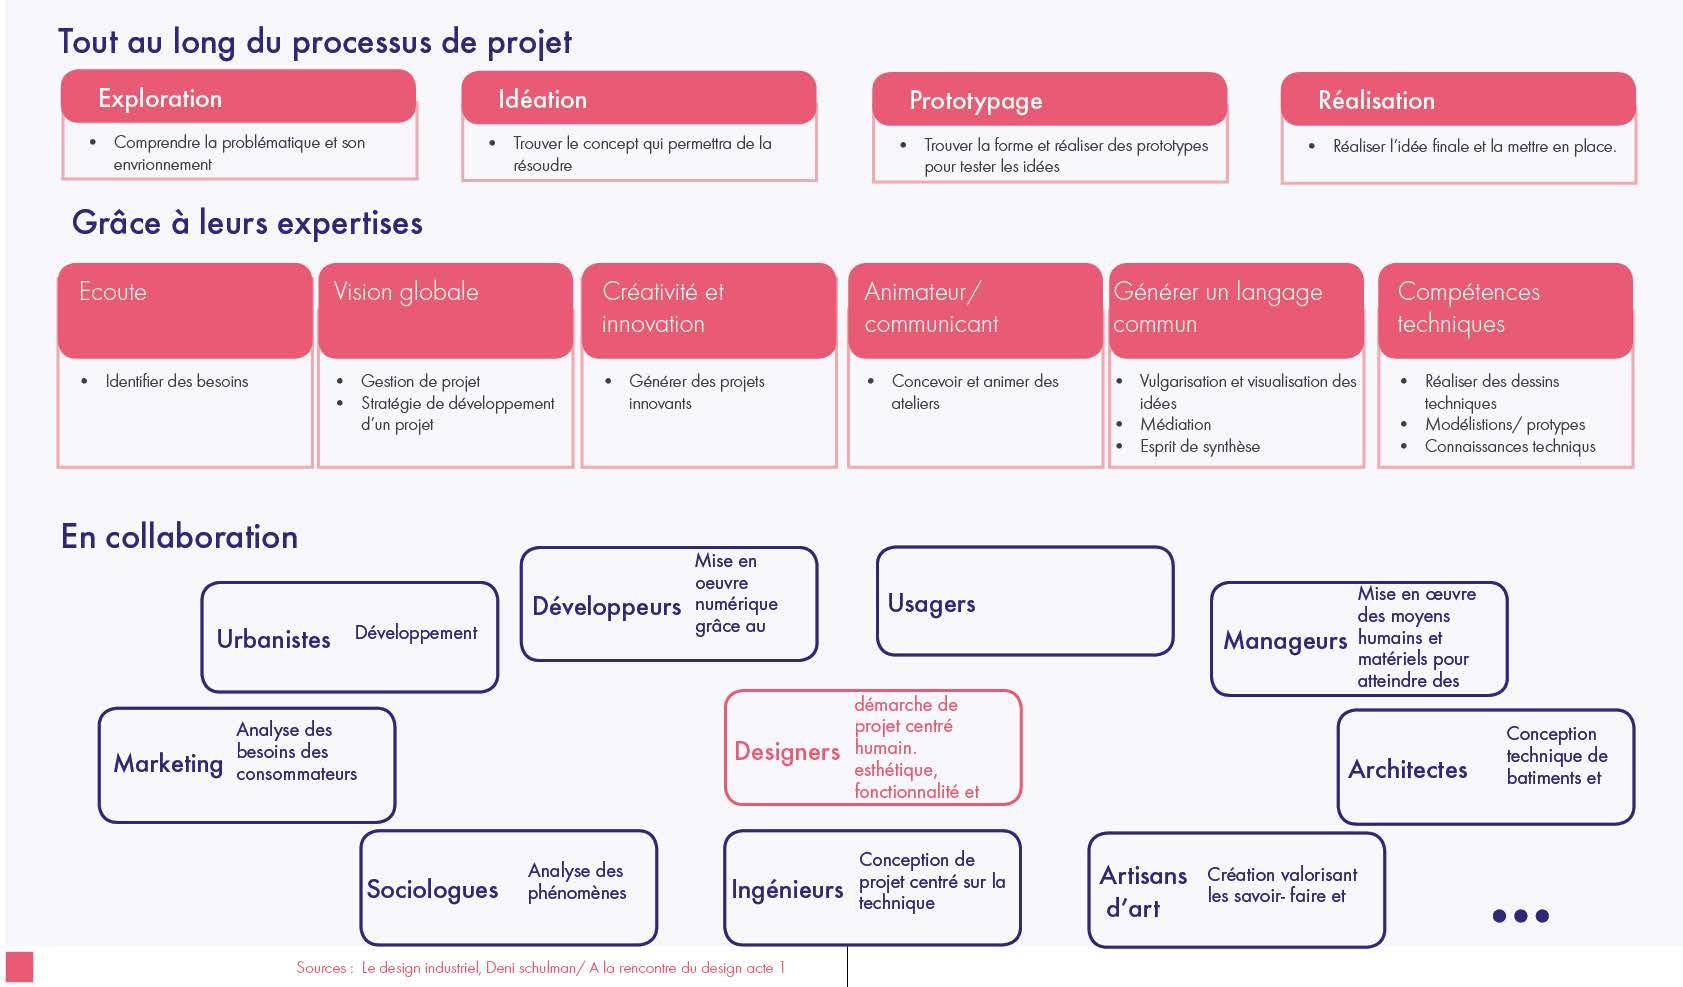 schéma comment travaillent les designers